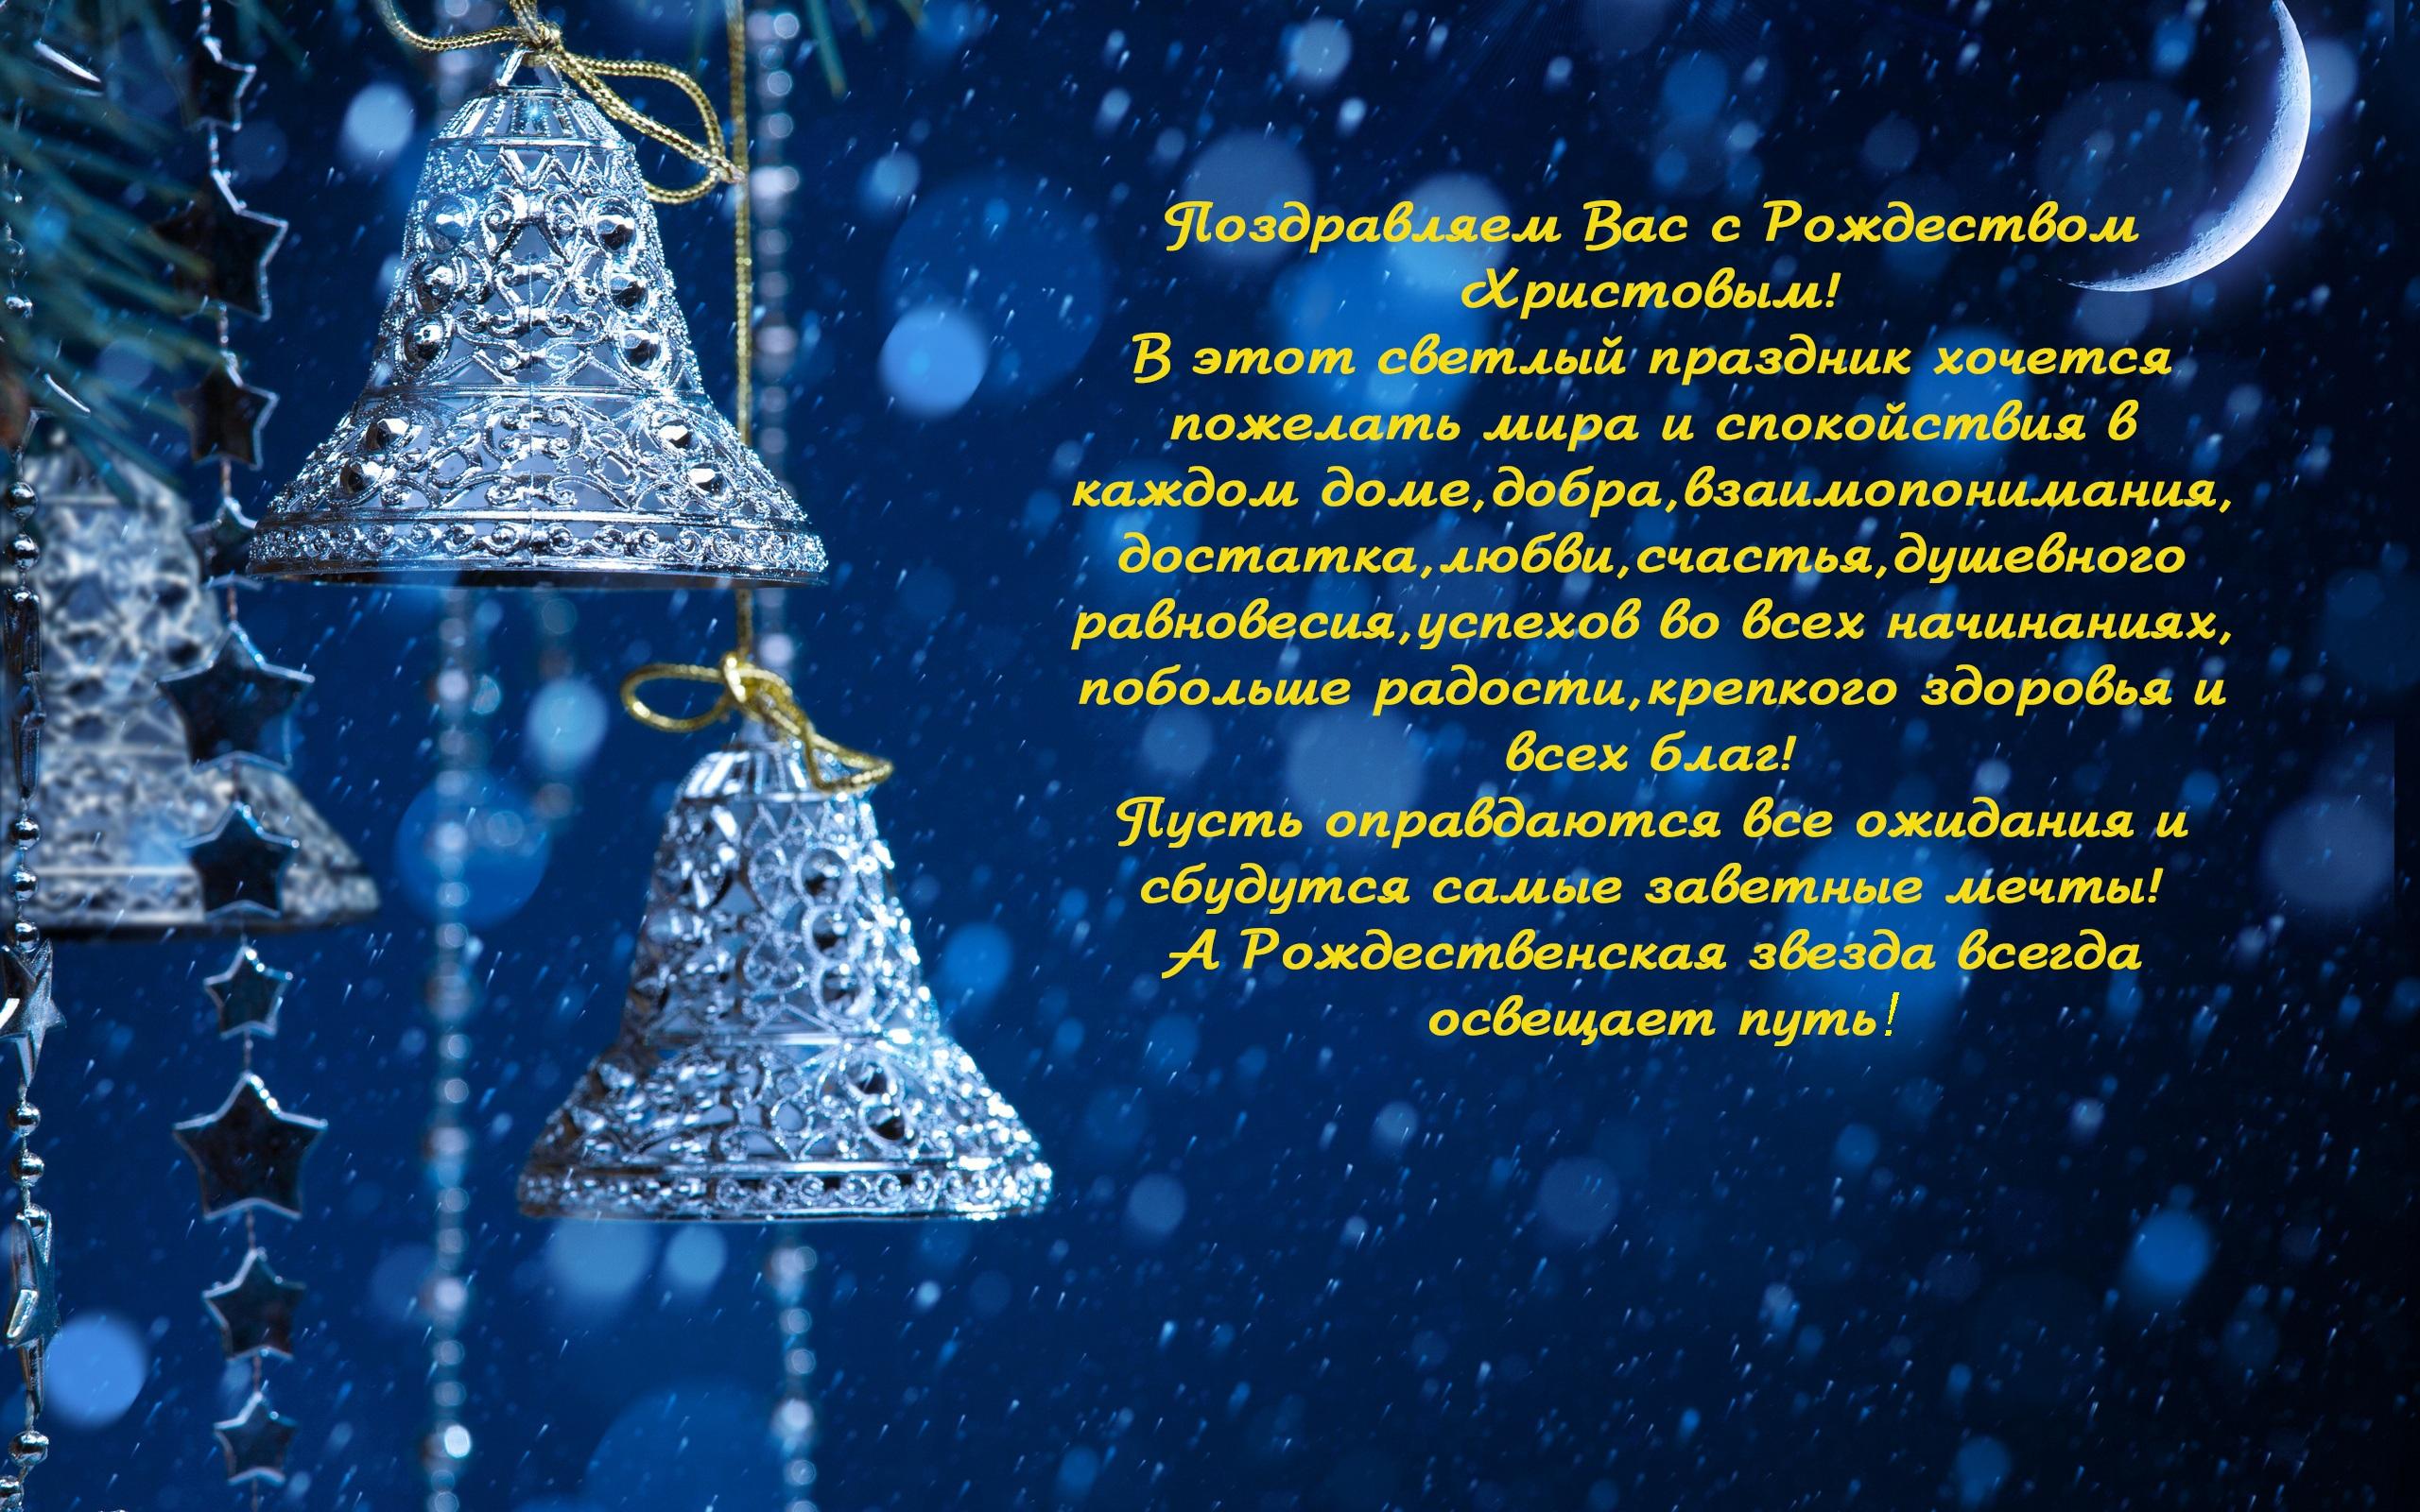 Поздравления с новым годом и рождеством христовым красивые в стихах